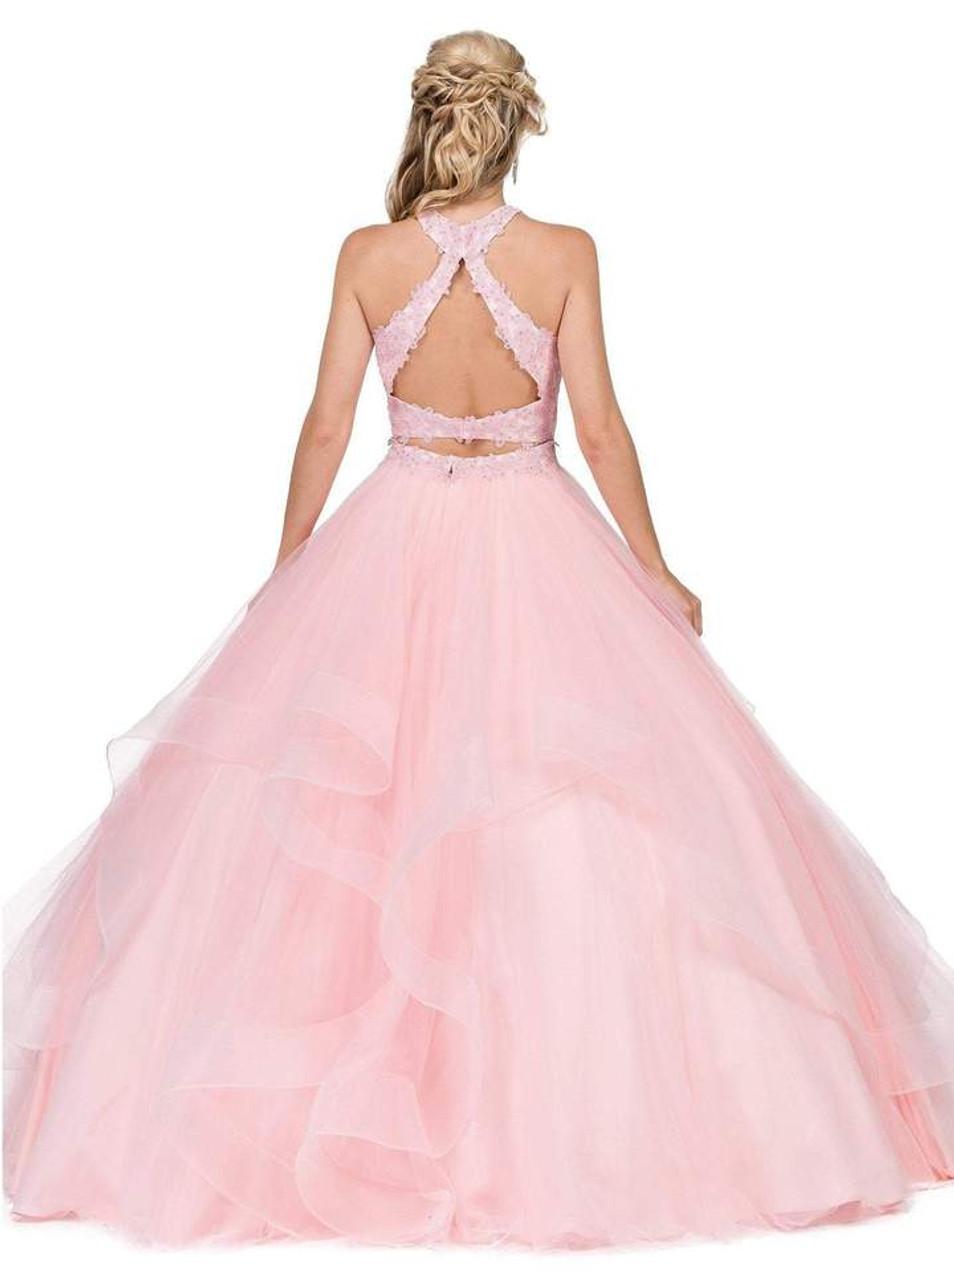 Dancing Queen 1310 Dress